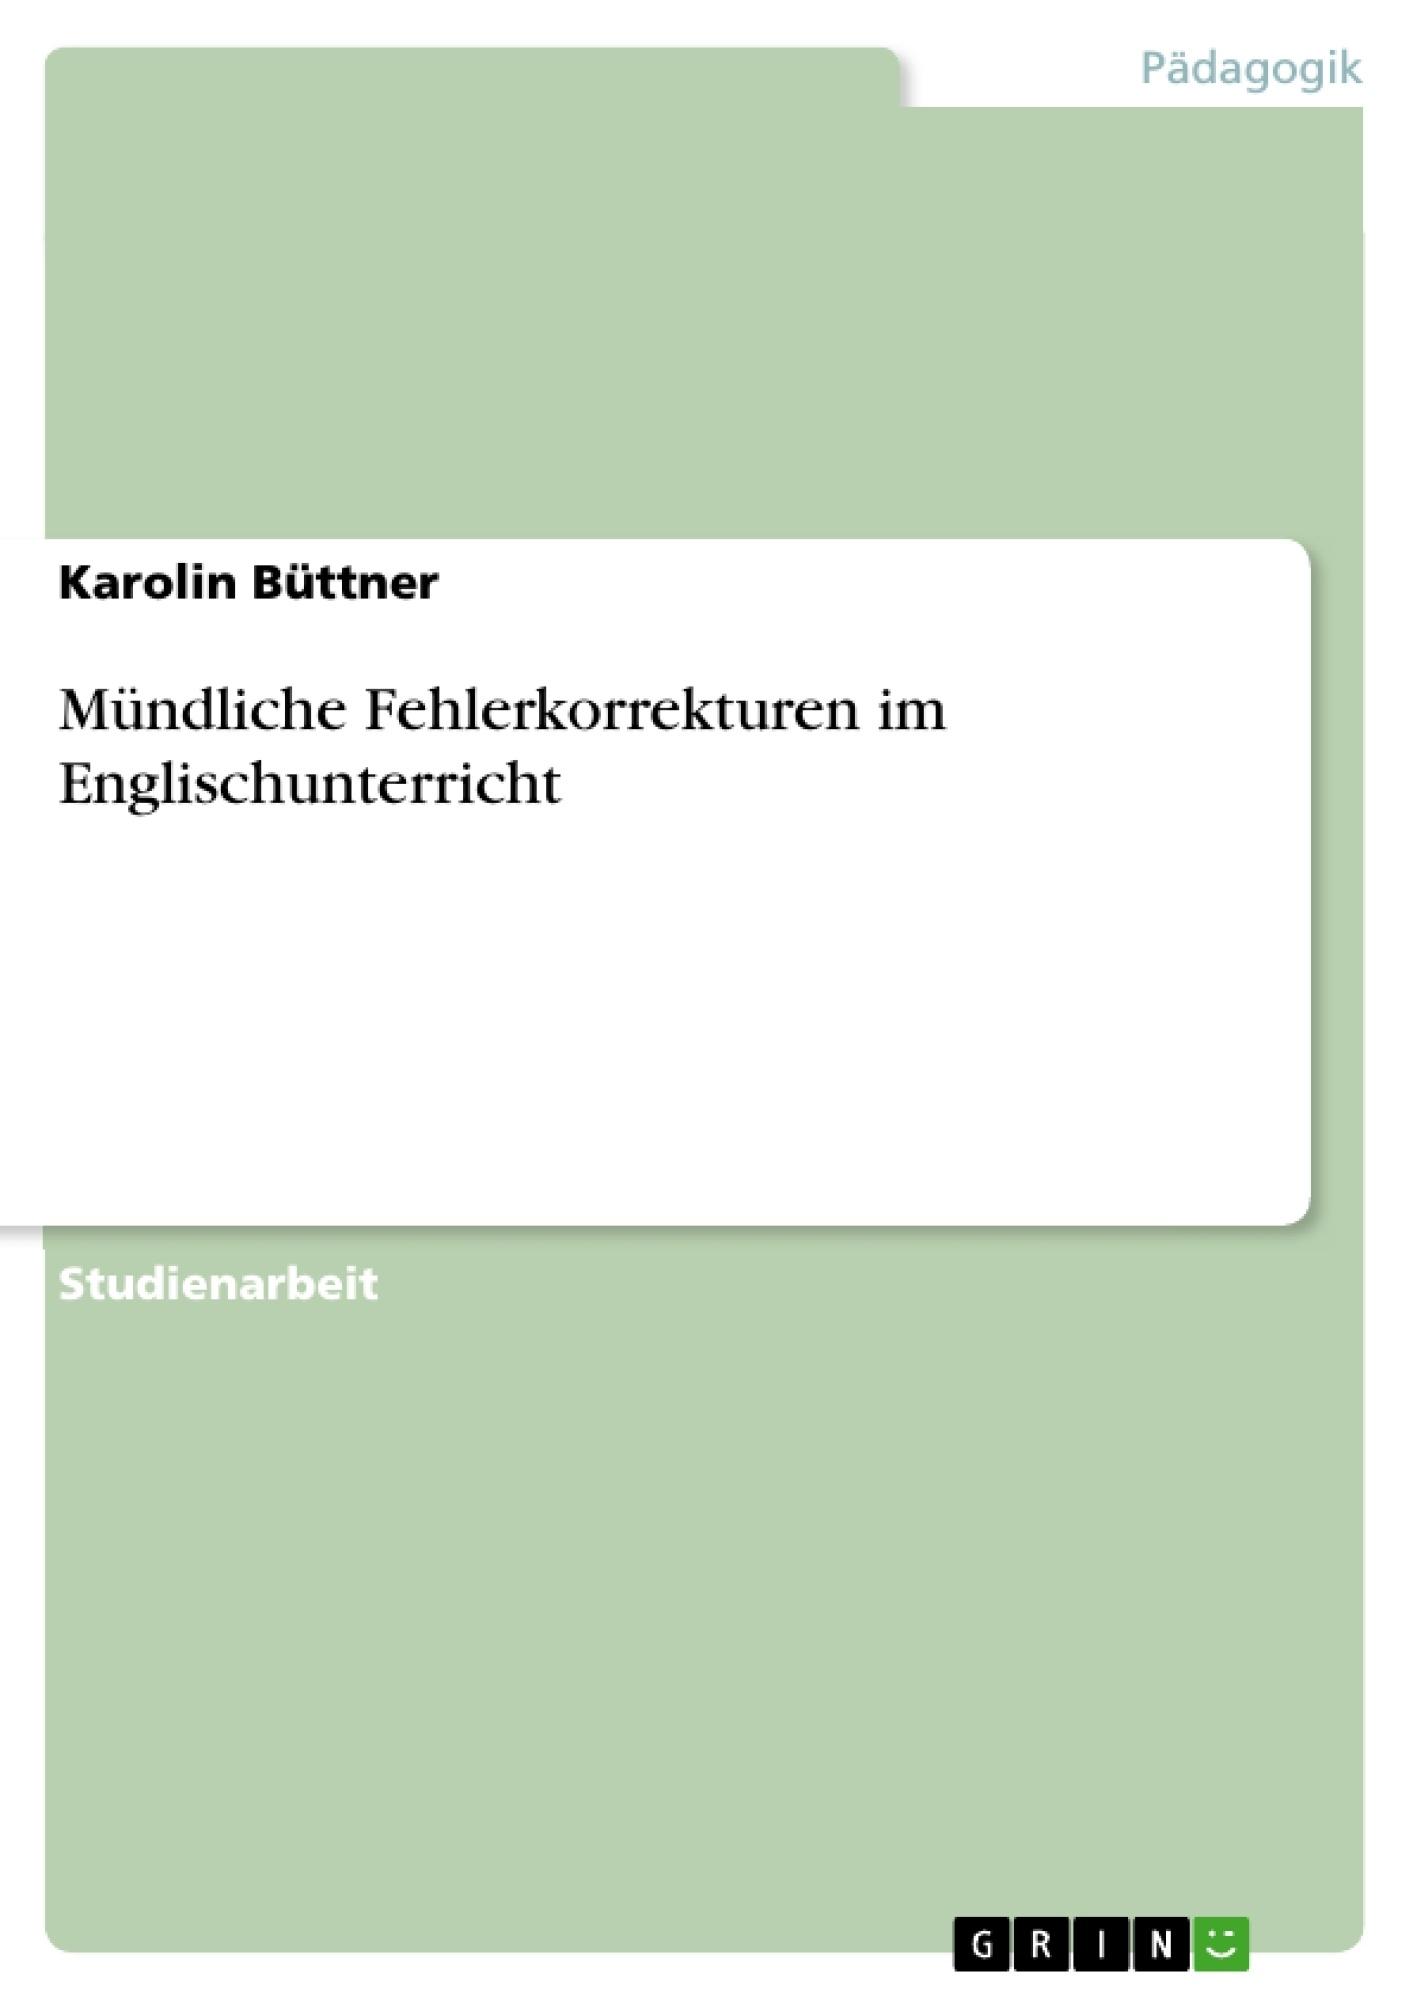 Titel: Mündliche Fehlerkorrekturen im Englischunterricht